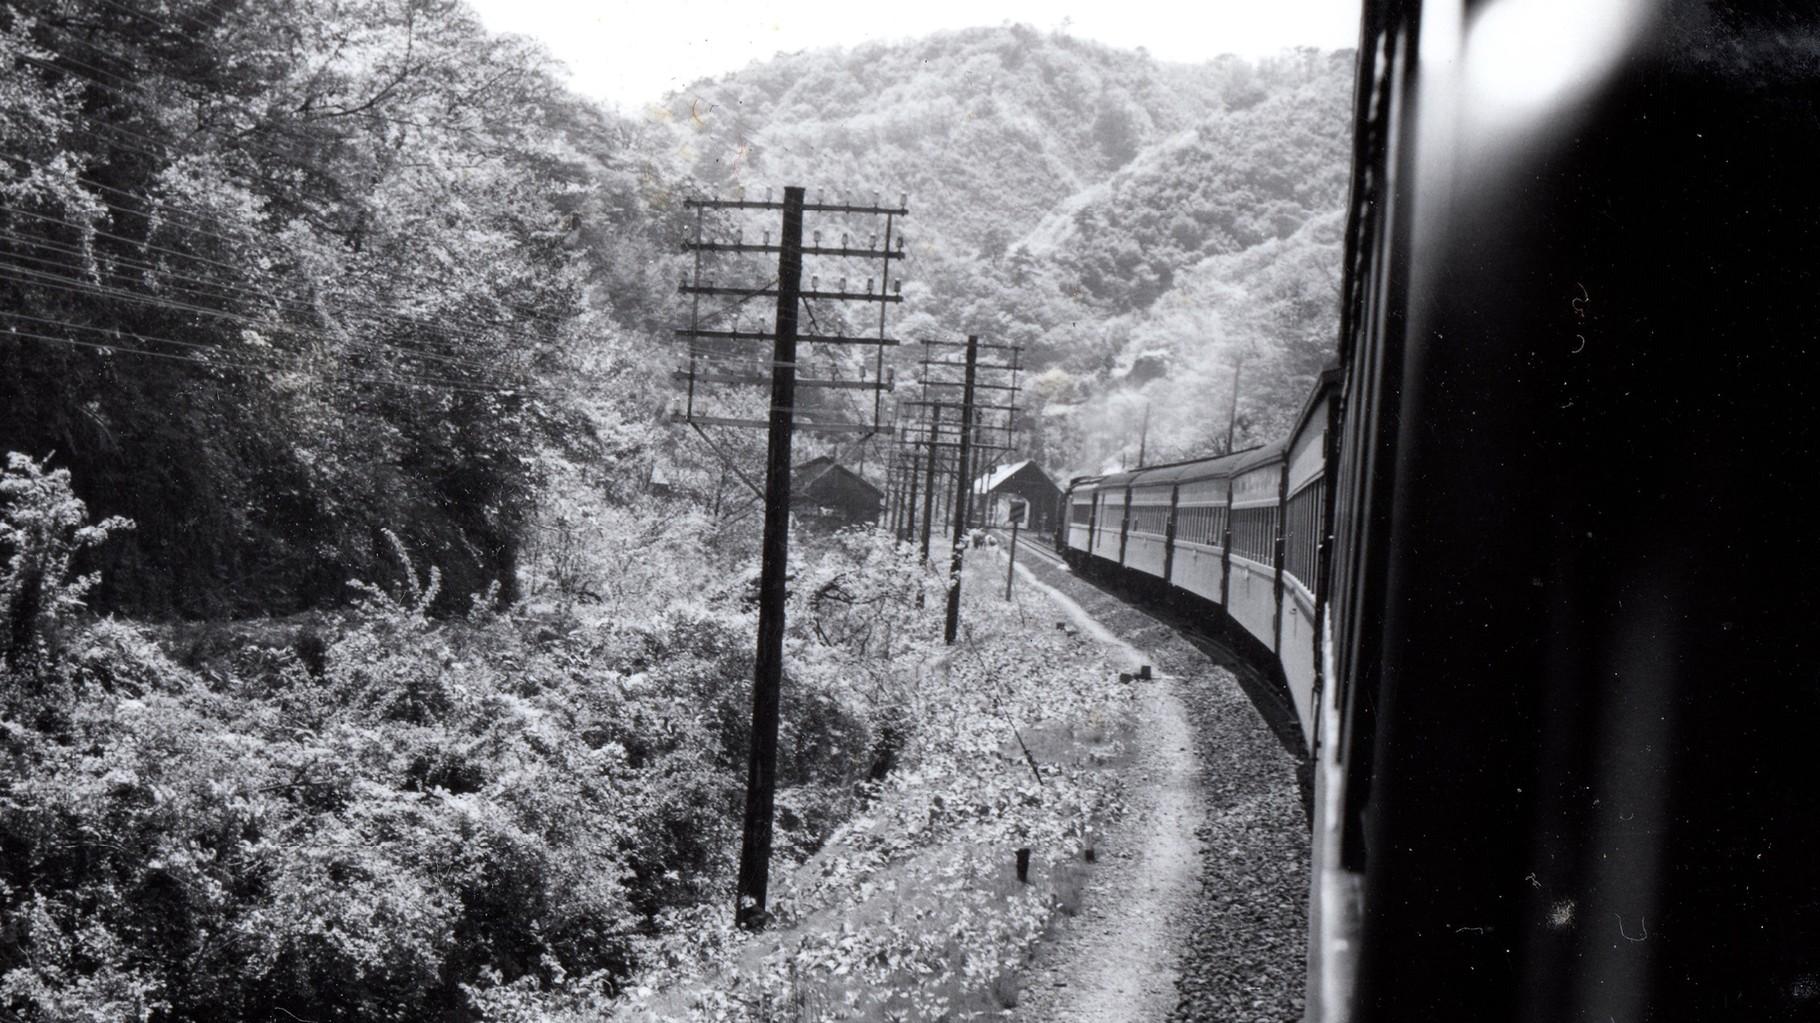 昭和37年当時、列車より前写真と同じ場所で撮影したもの。